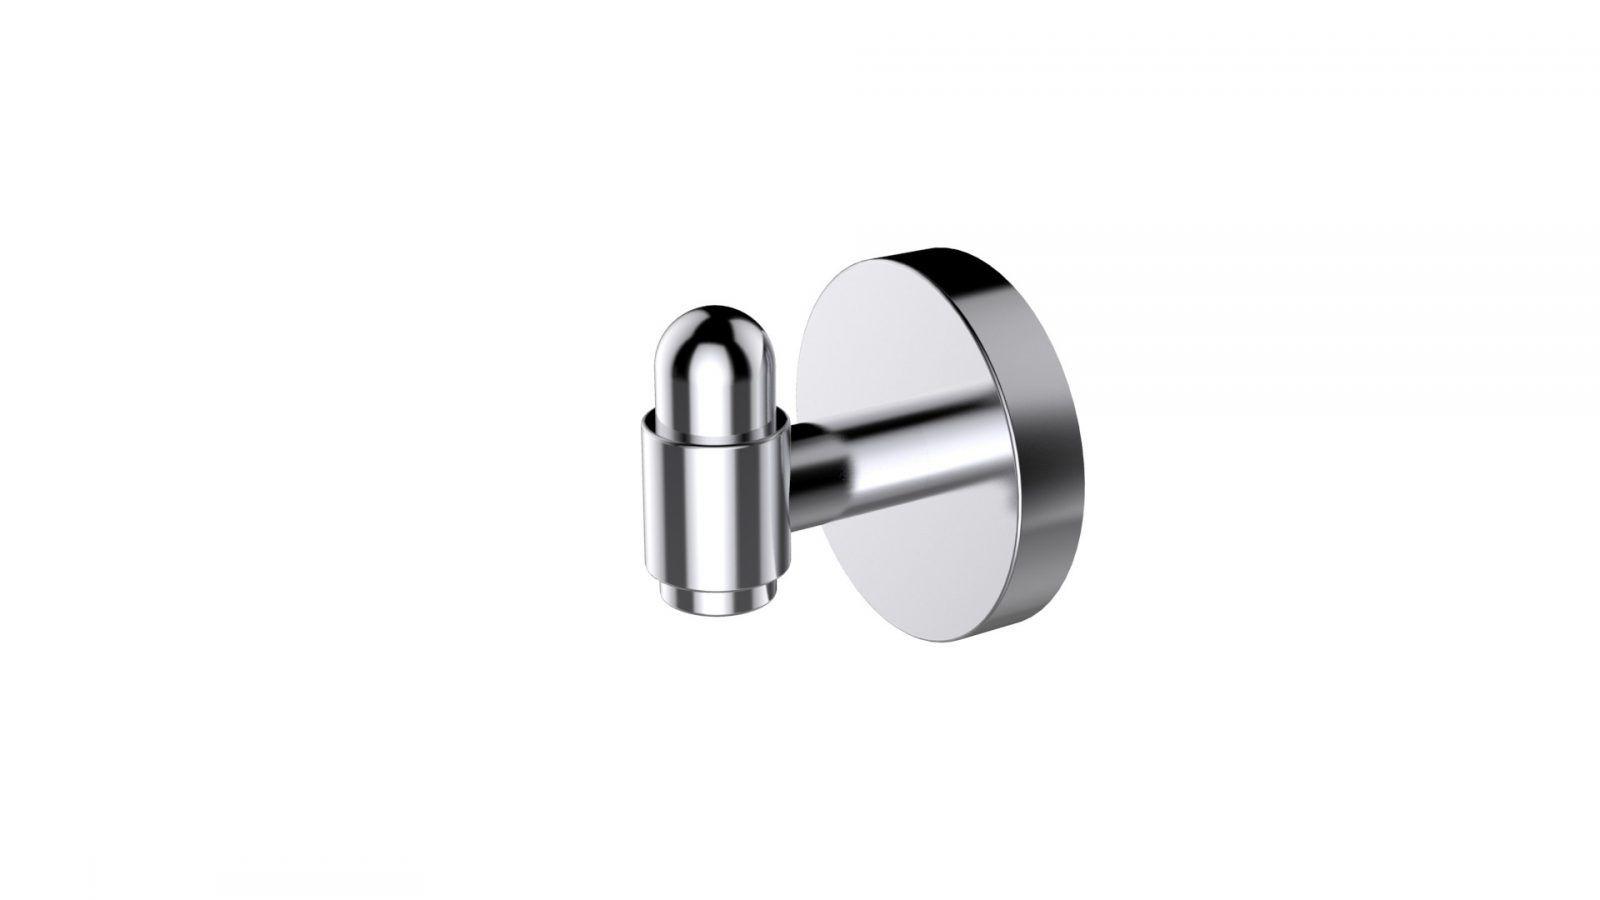 Eviva Bullet Towel Or Robe Hook Round Design Brushed Nickel